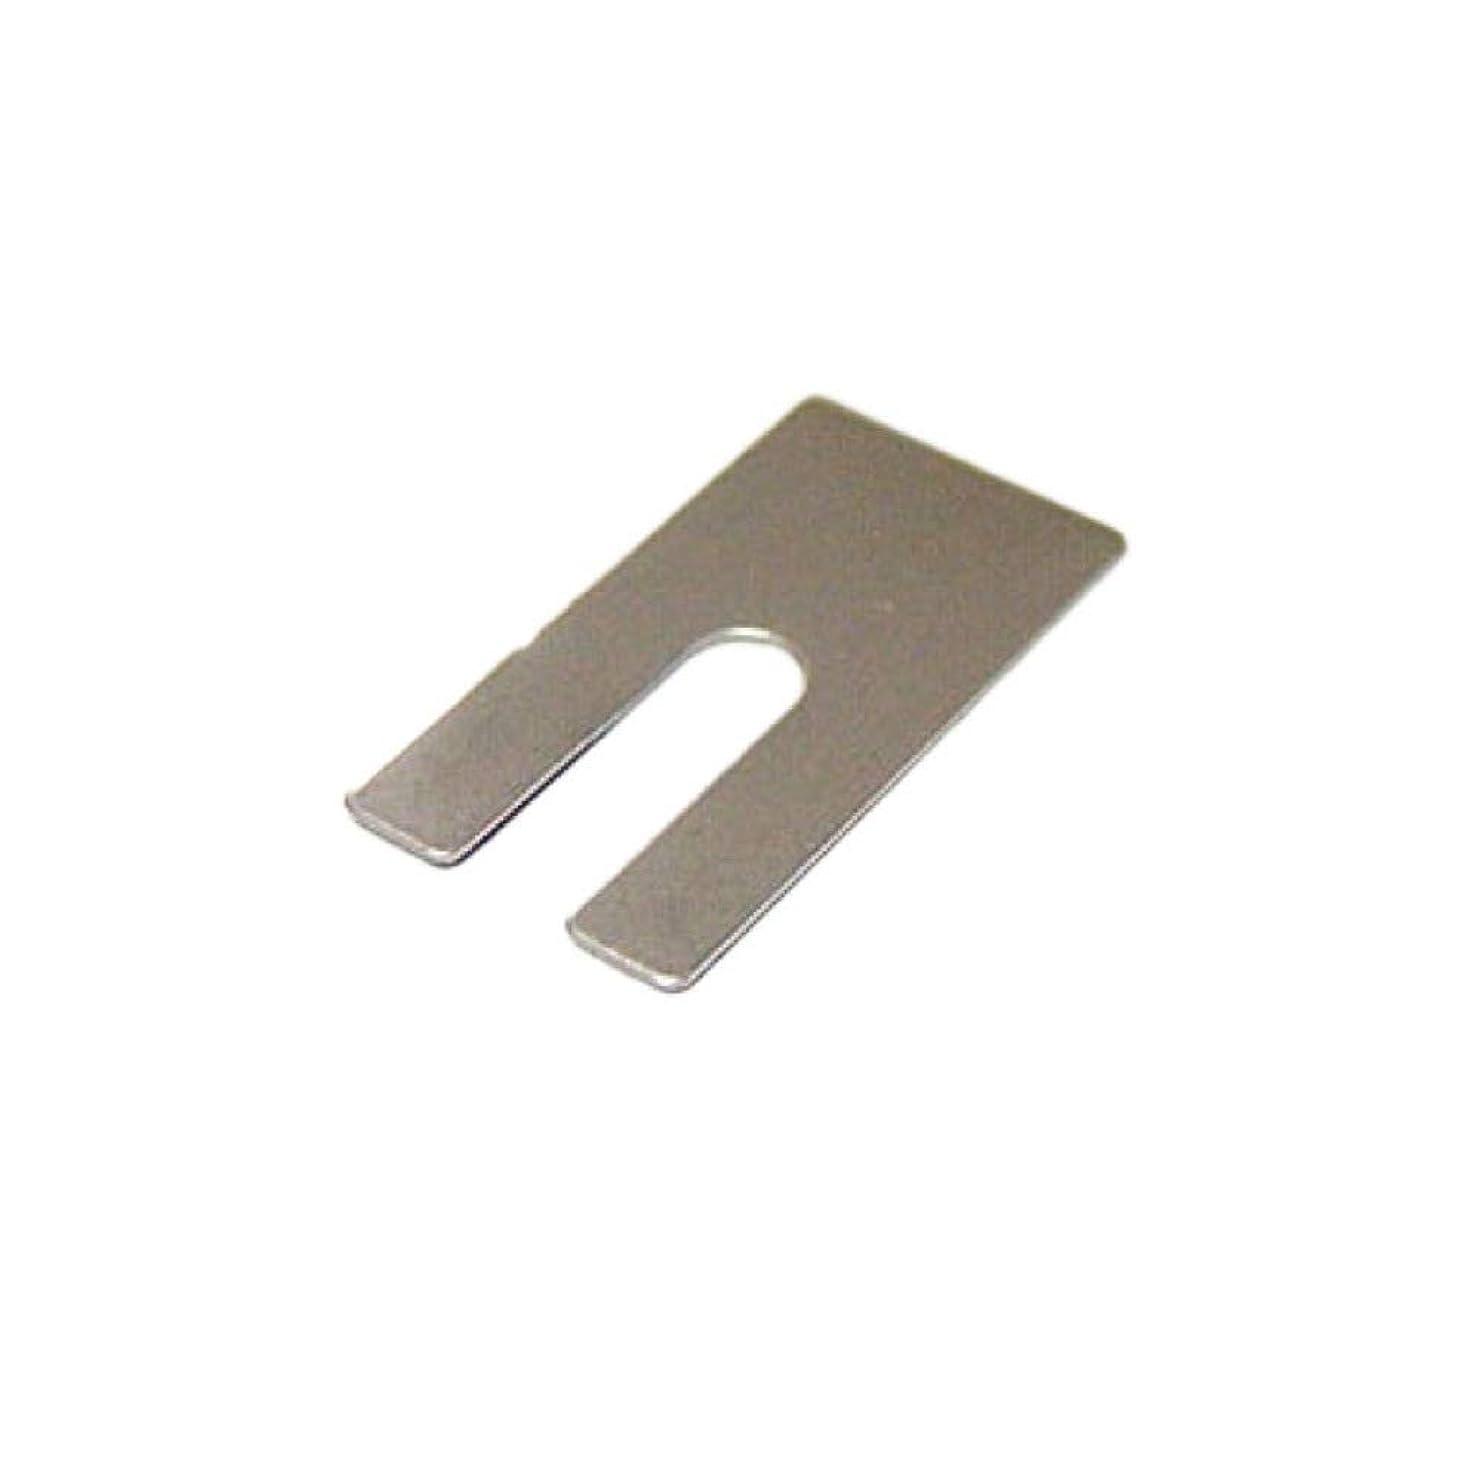 伸ばす勤勉な全能ESP Saddle Spacer for Floyd Rose 0.1mm 4枚入 サドルスペーサー